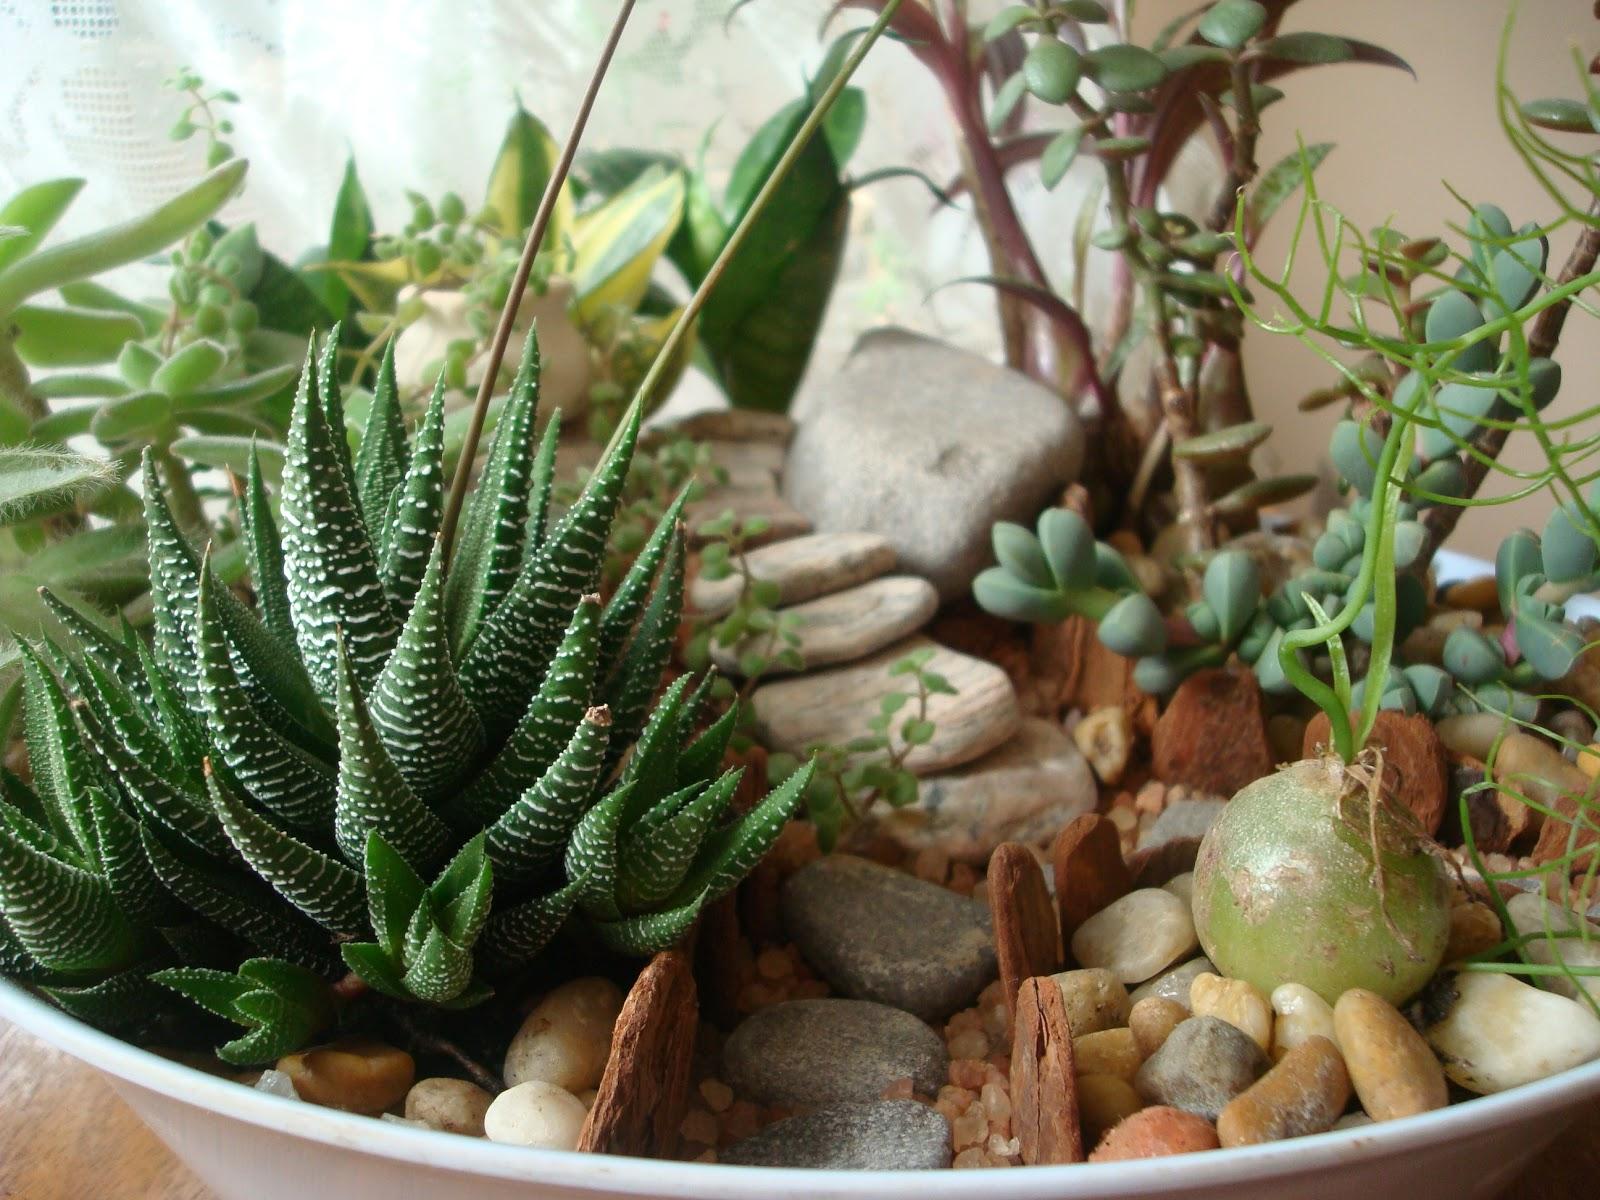 jardim plantas suculentas Suculenta Quer aprender a fazer um mini